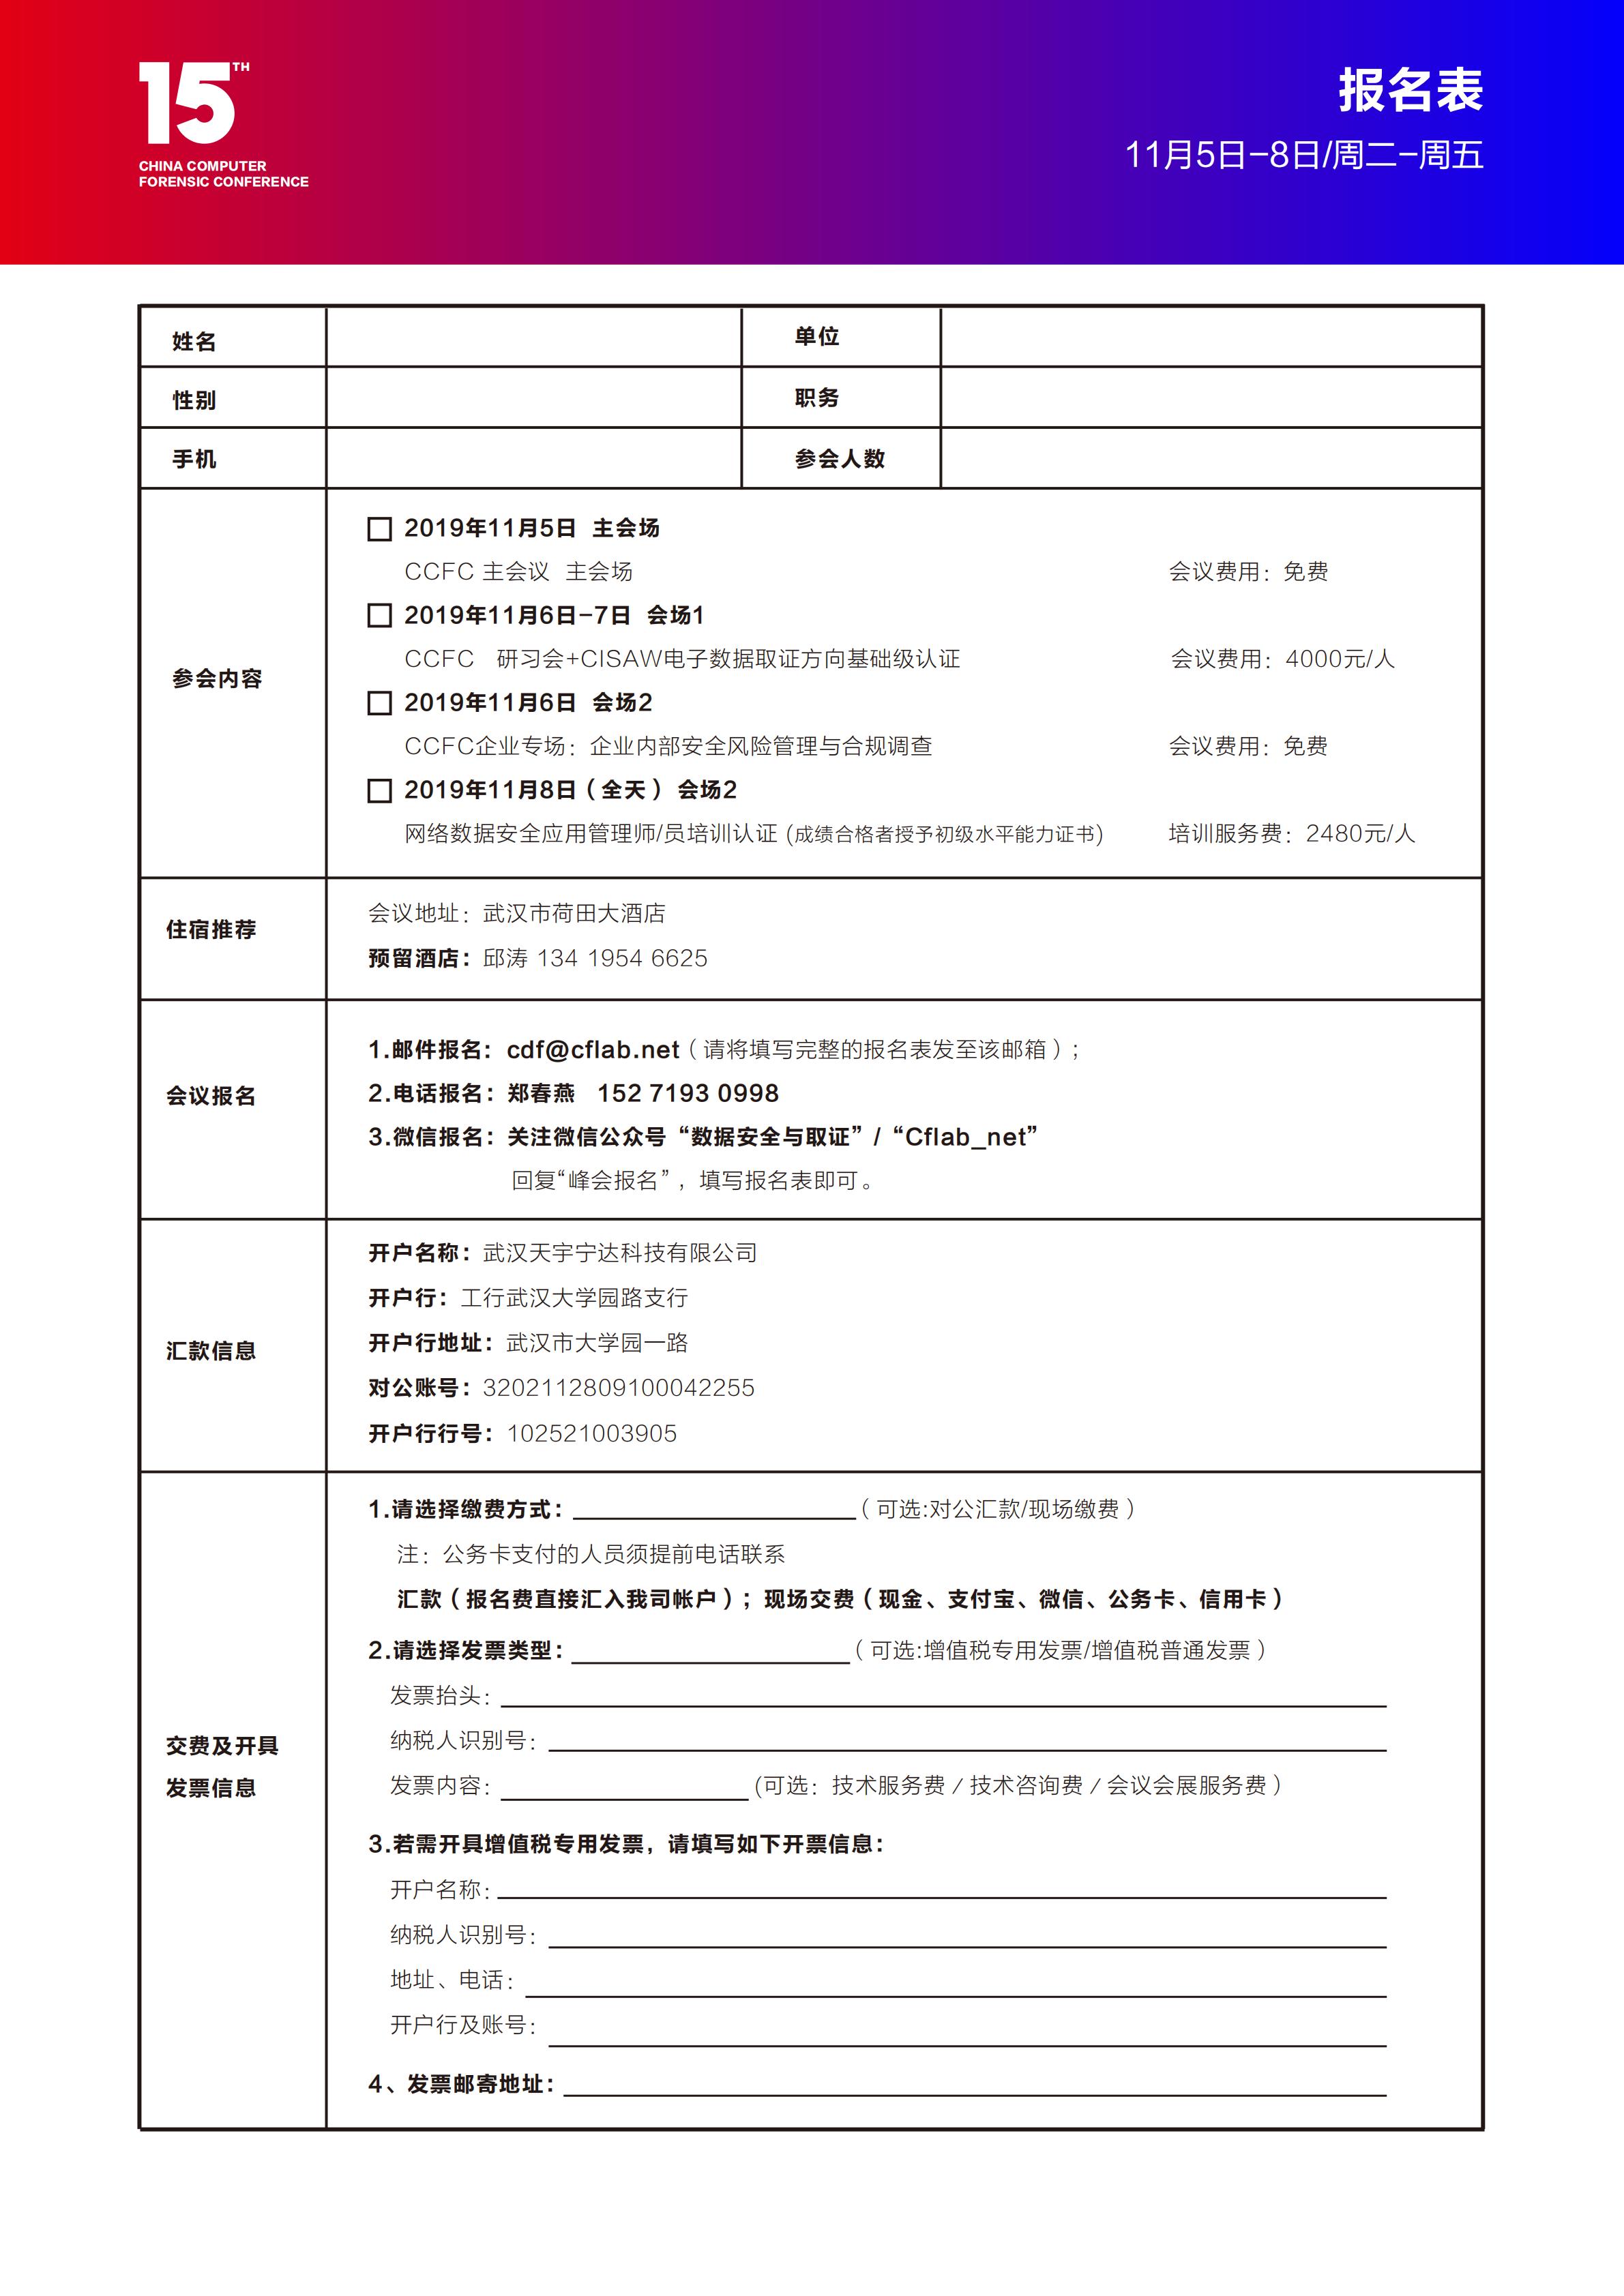 第15届CCFC计算机取证峰会邀请函-日程表最终版_04